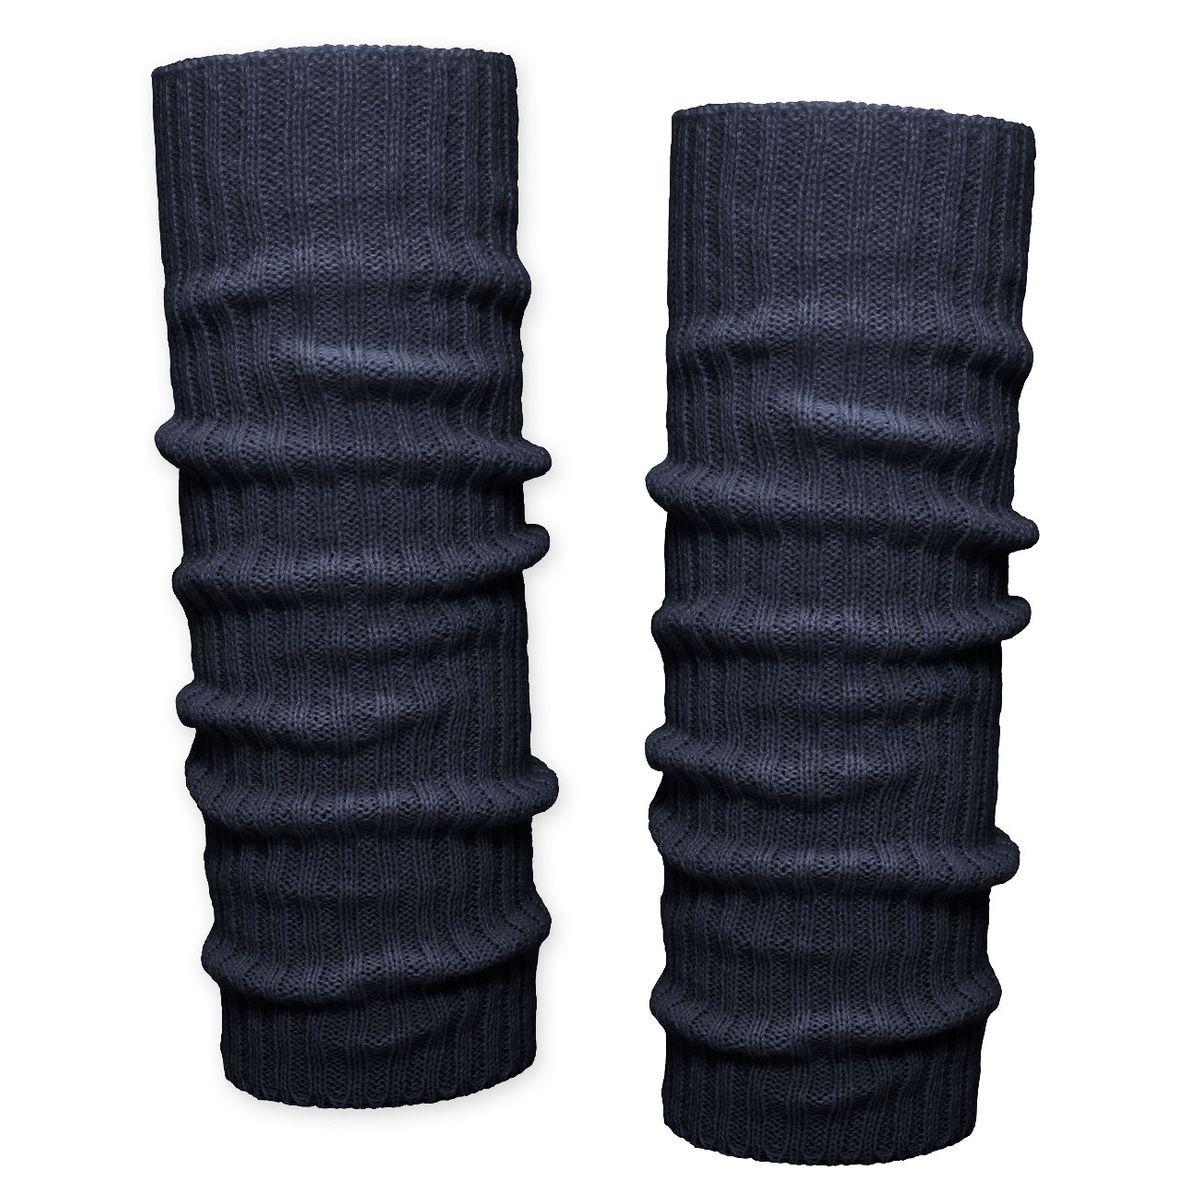 1 Paar Bein Stulpen mit Punkten Beinwärmer gepunktet Grobstrick rot schwarz weiß